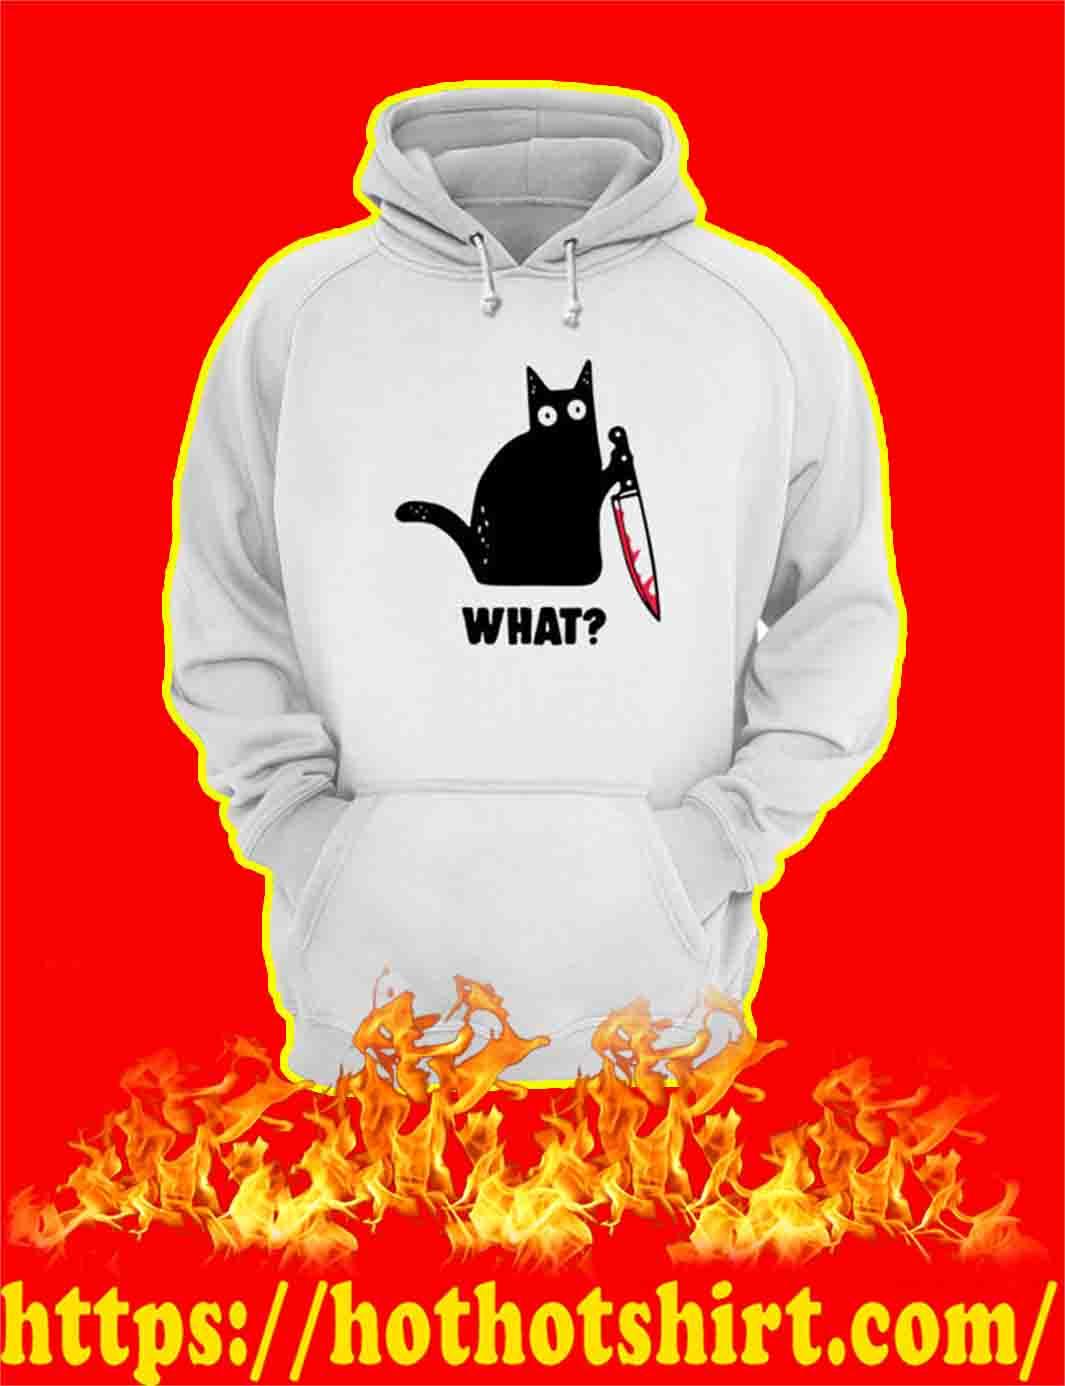 Murderous Black Cat Knife What hoodie